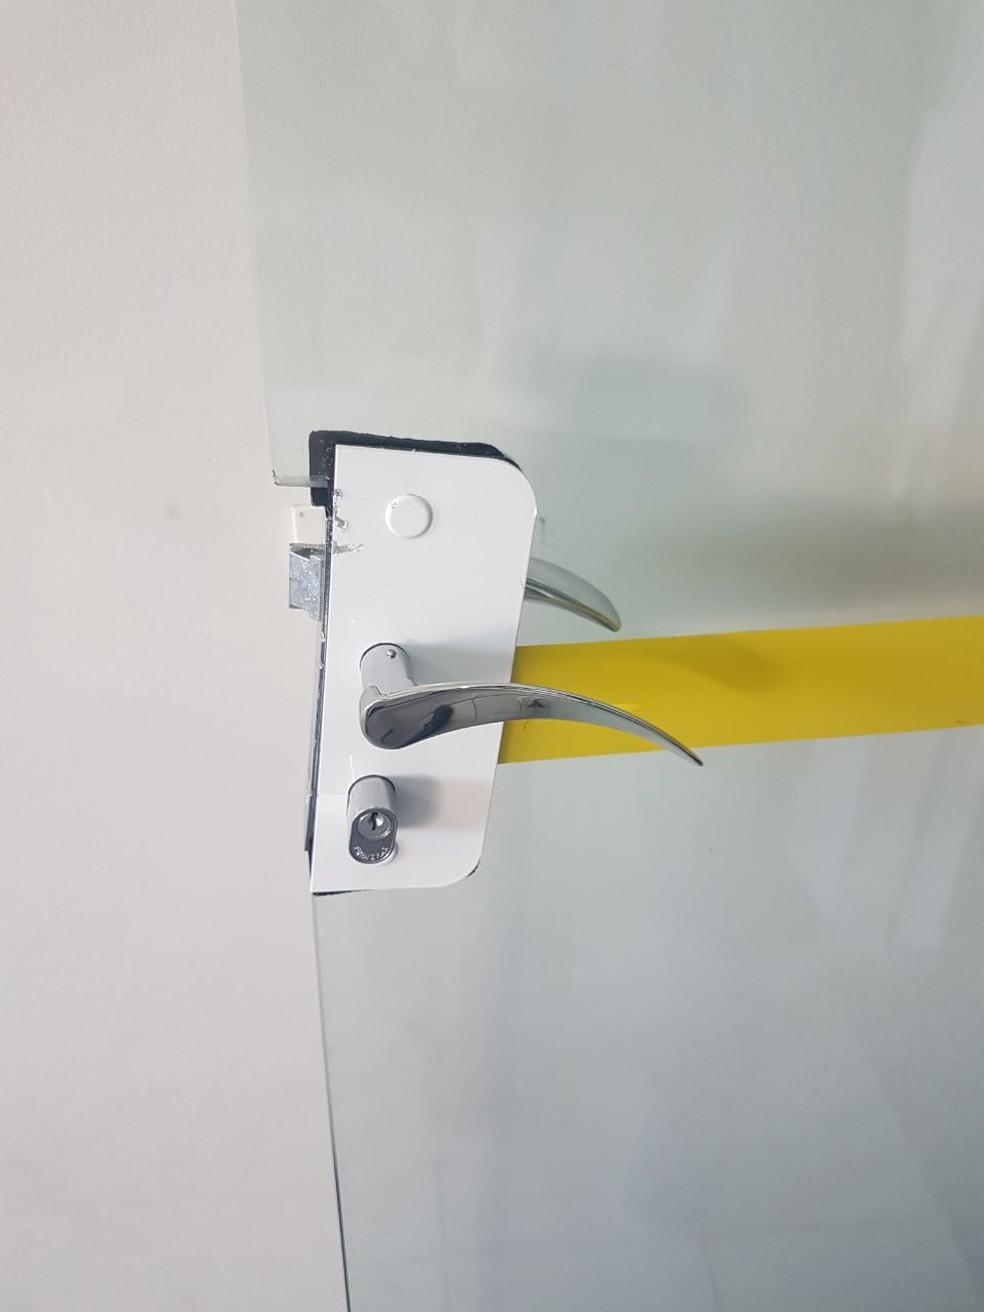 Porta foi arrombada pelos ladrões em Marília (Foto: ONG Junventude Criativa / Divulgação)